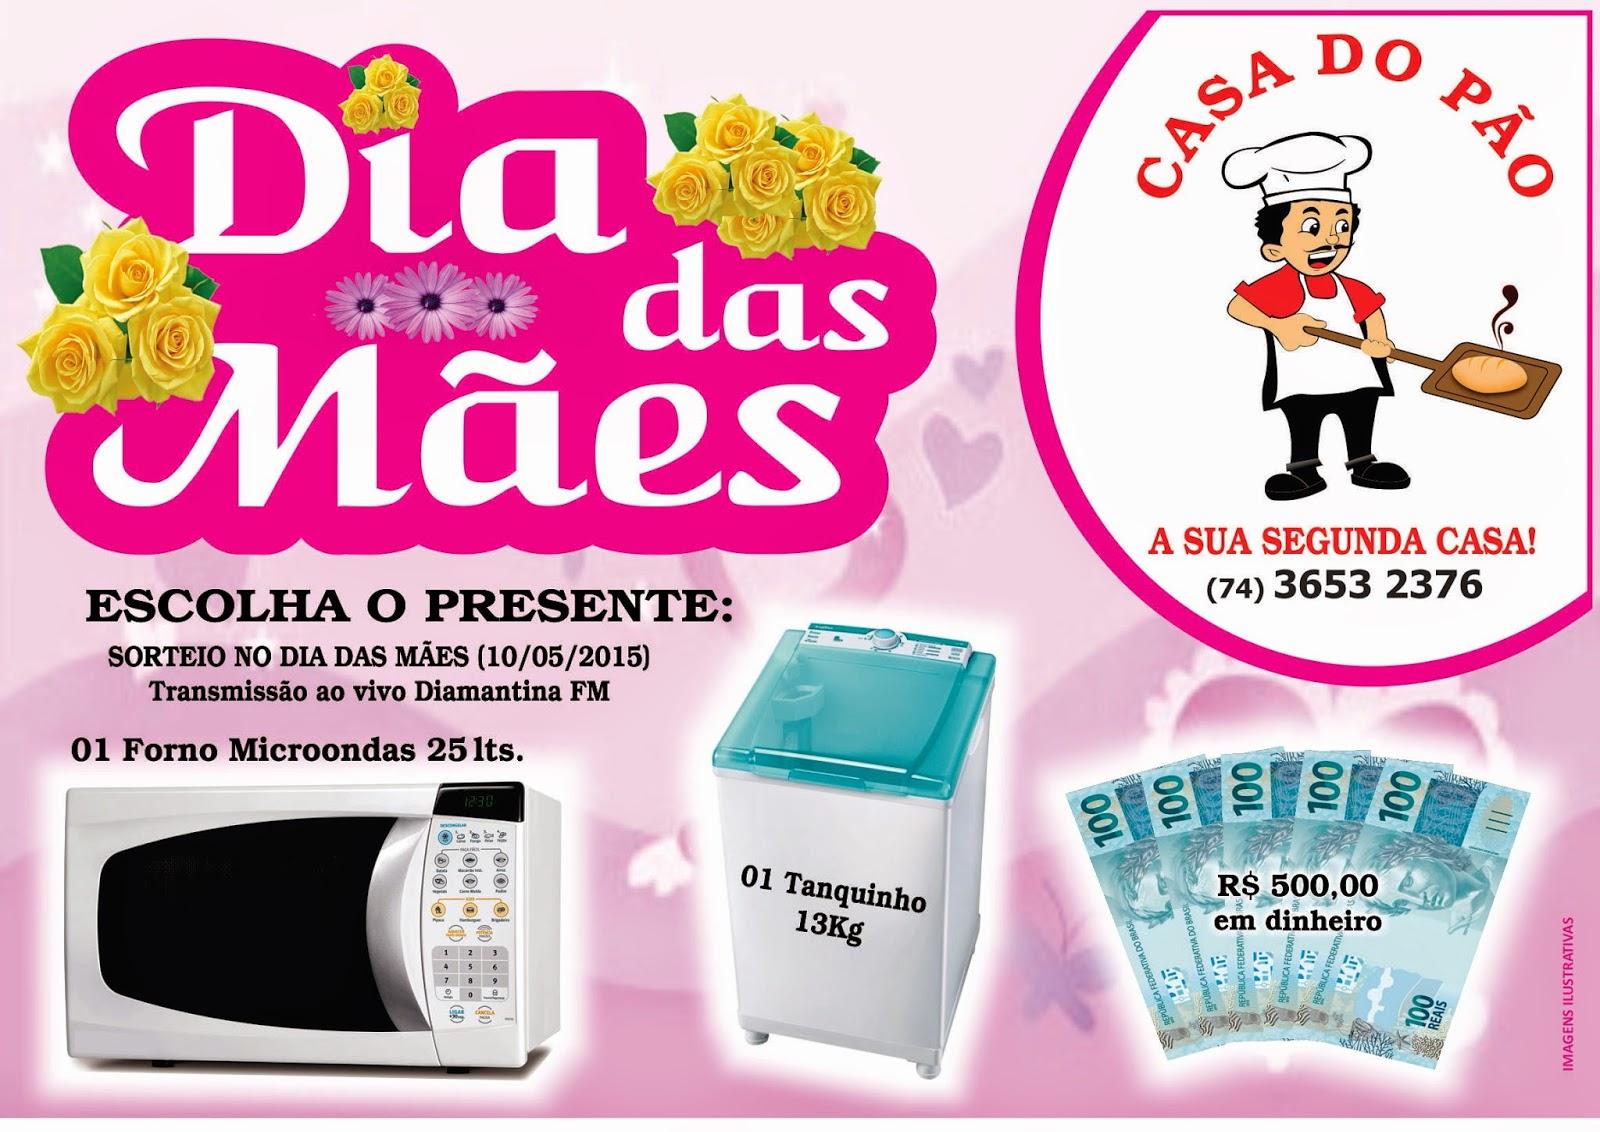 Promoção Dia das Mães da Casa do Pão